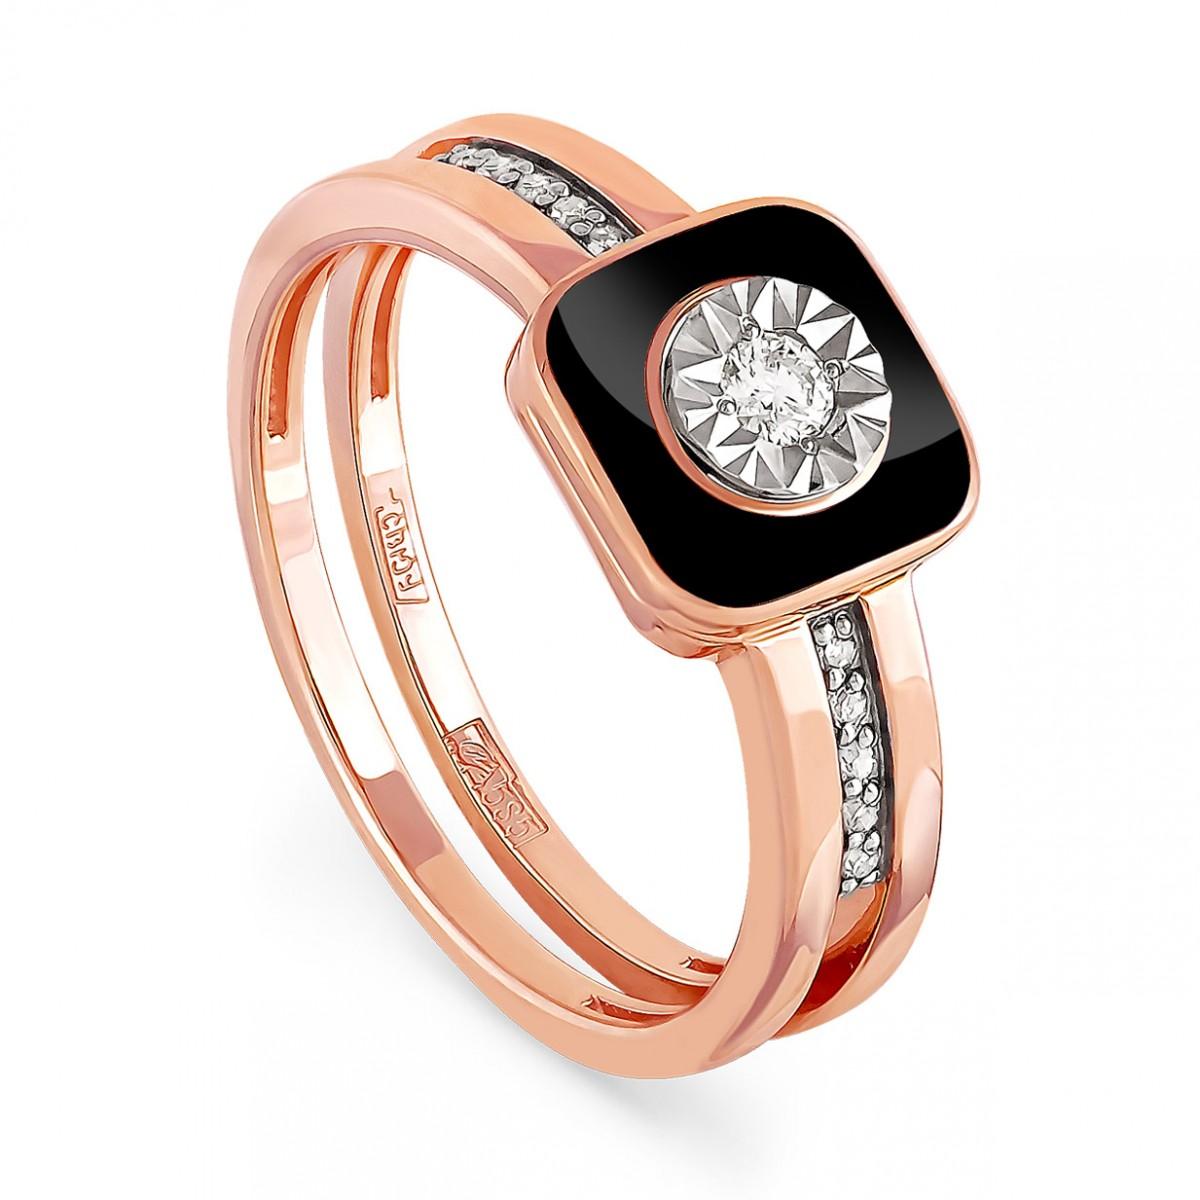 Золотое кольцо Бриллиант и Эмаль арт. 11-0804-1002 11-0804-1002